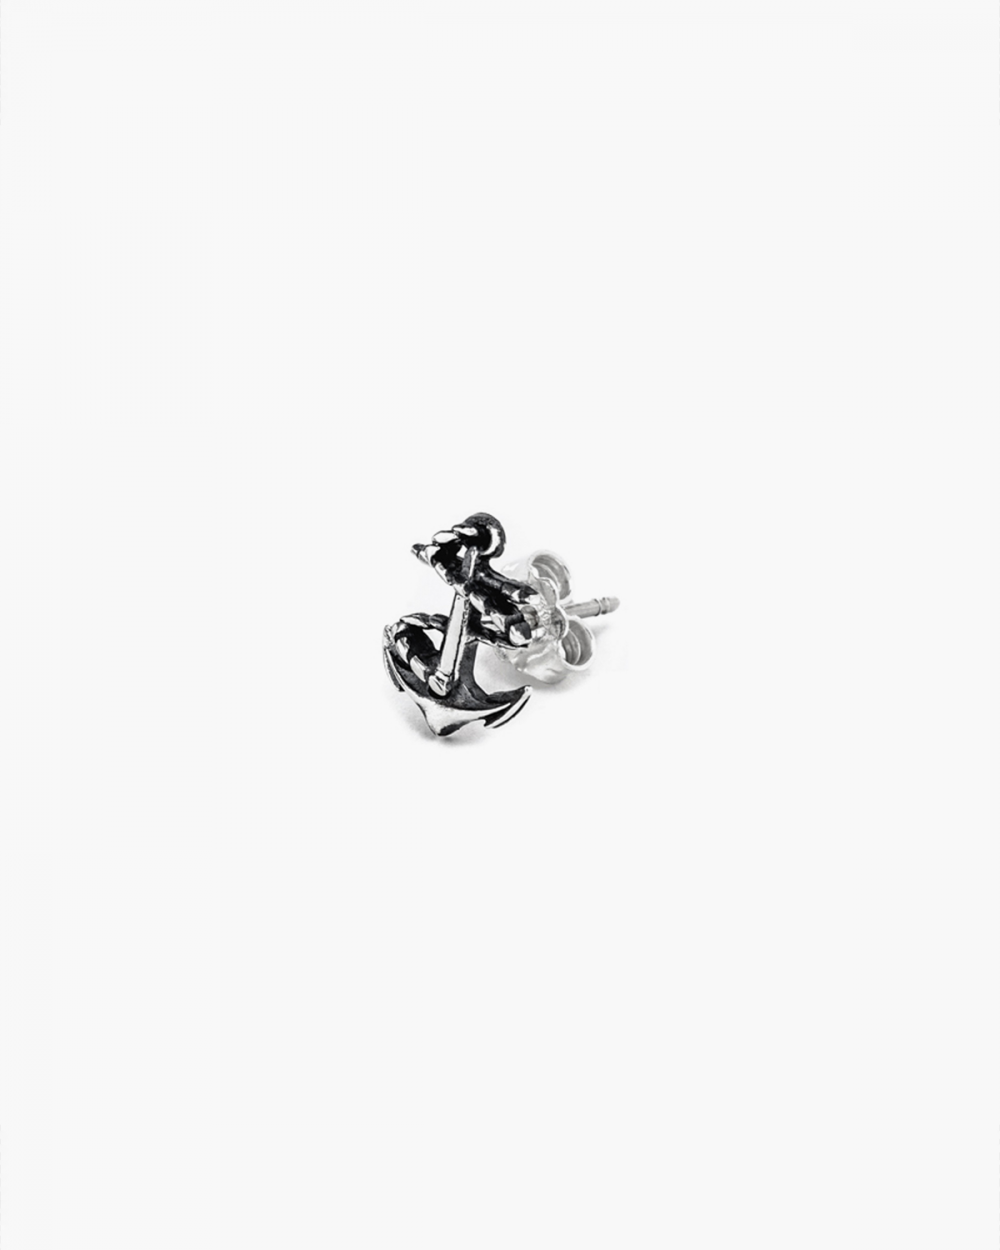 Earrings ROPE & ANCHOR SINGLE EARRING NOVE25